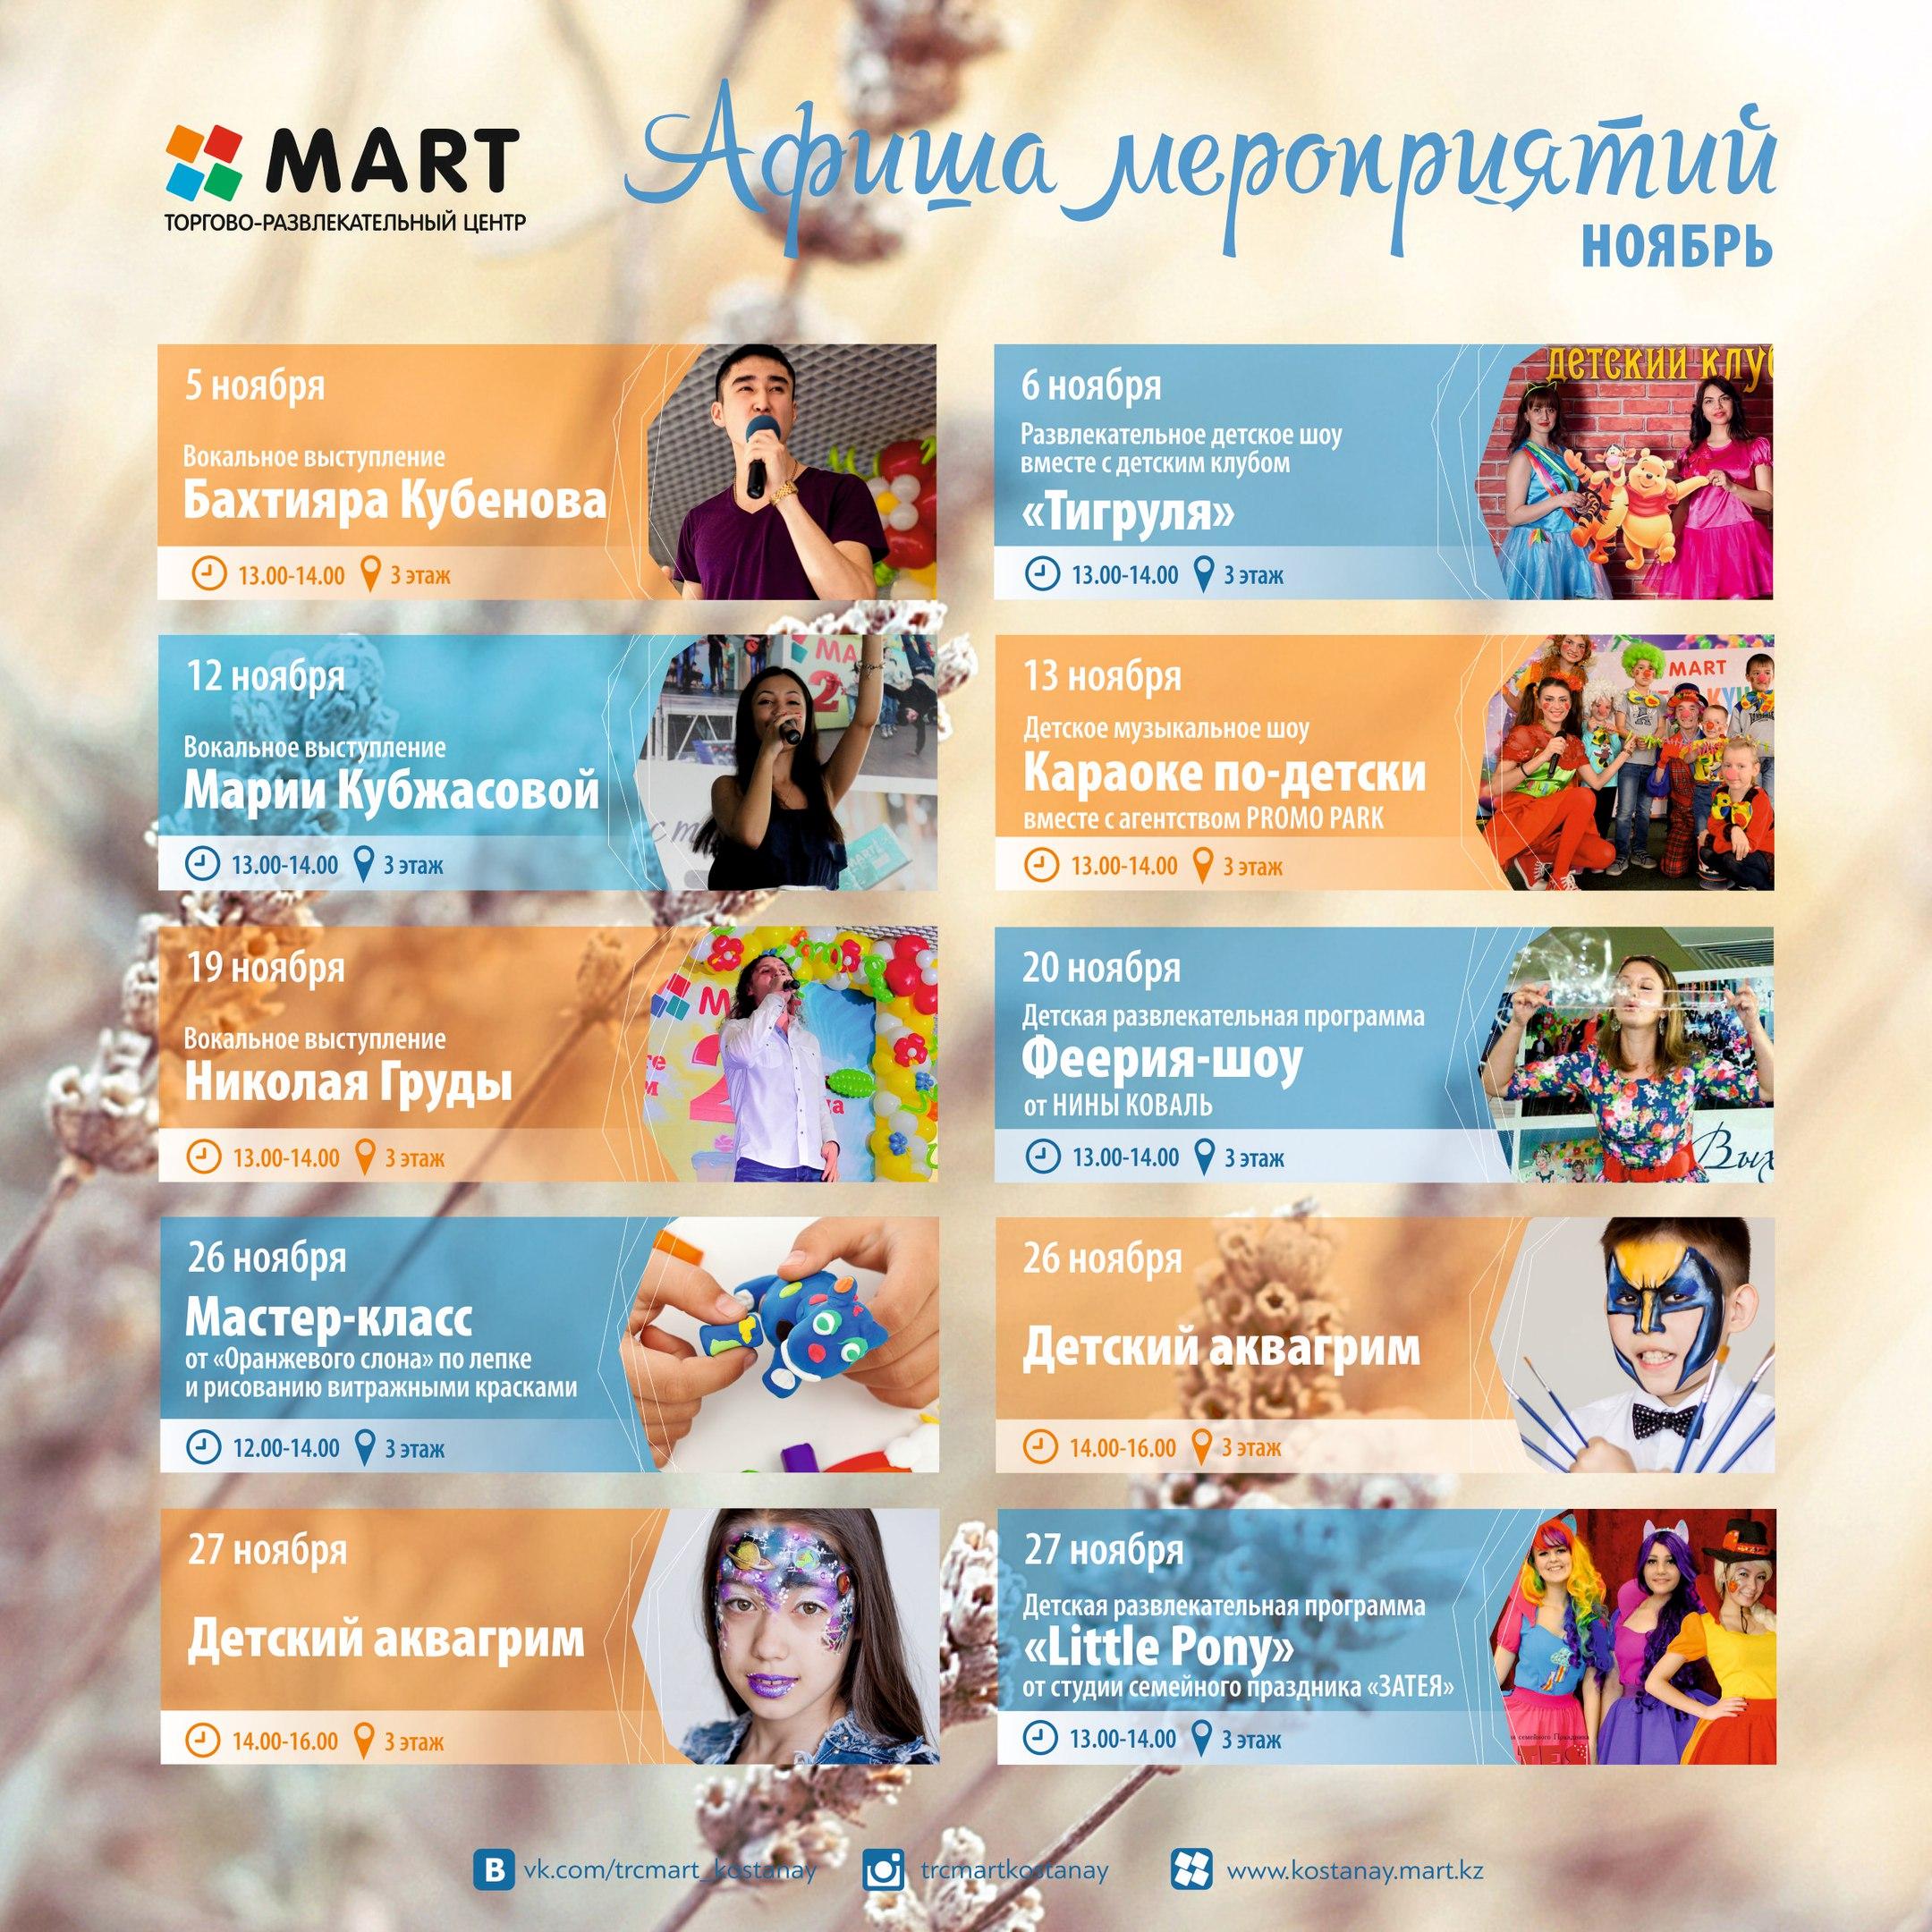 Афиша мероприятий на ноябрь от ТЦ «MART»